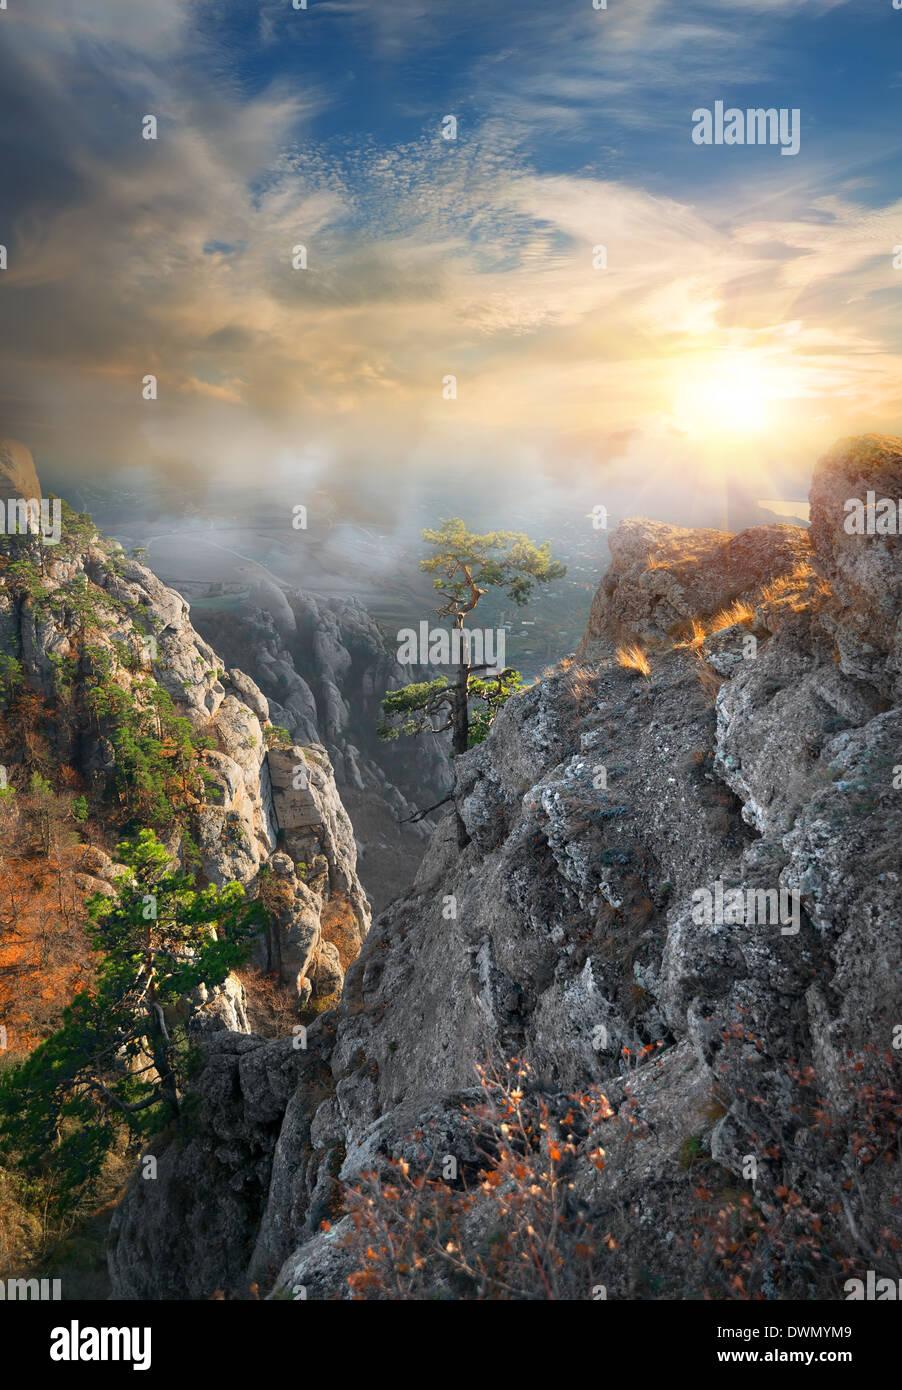 Le brouillard dans les montagnes sous le soleil de matin Photo Stock